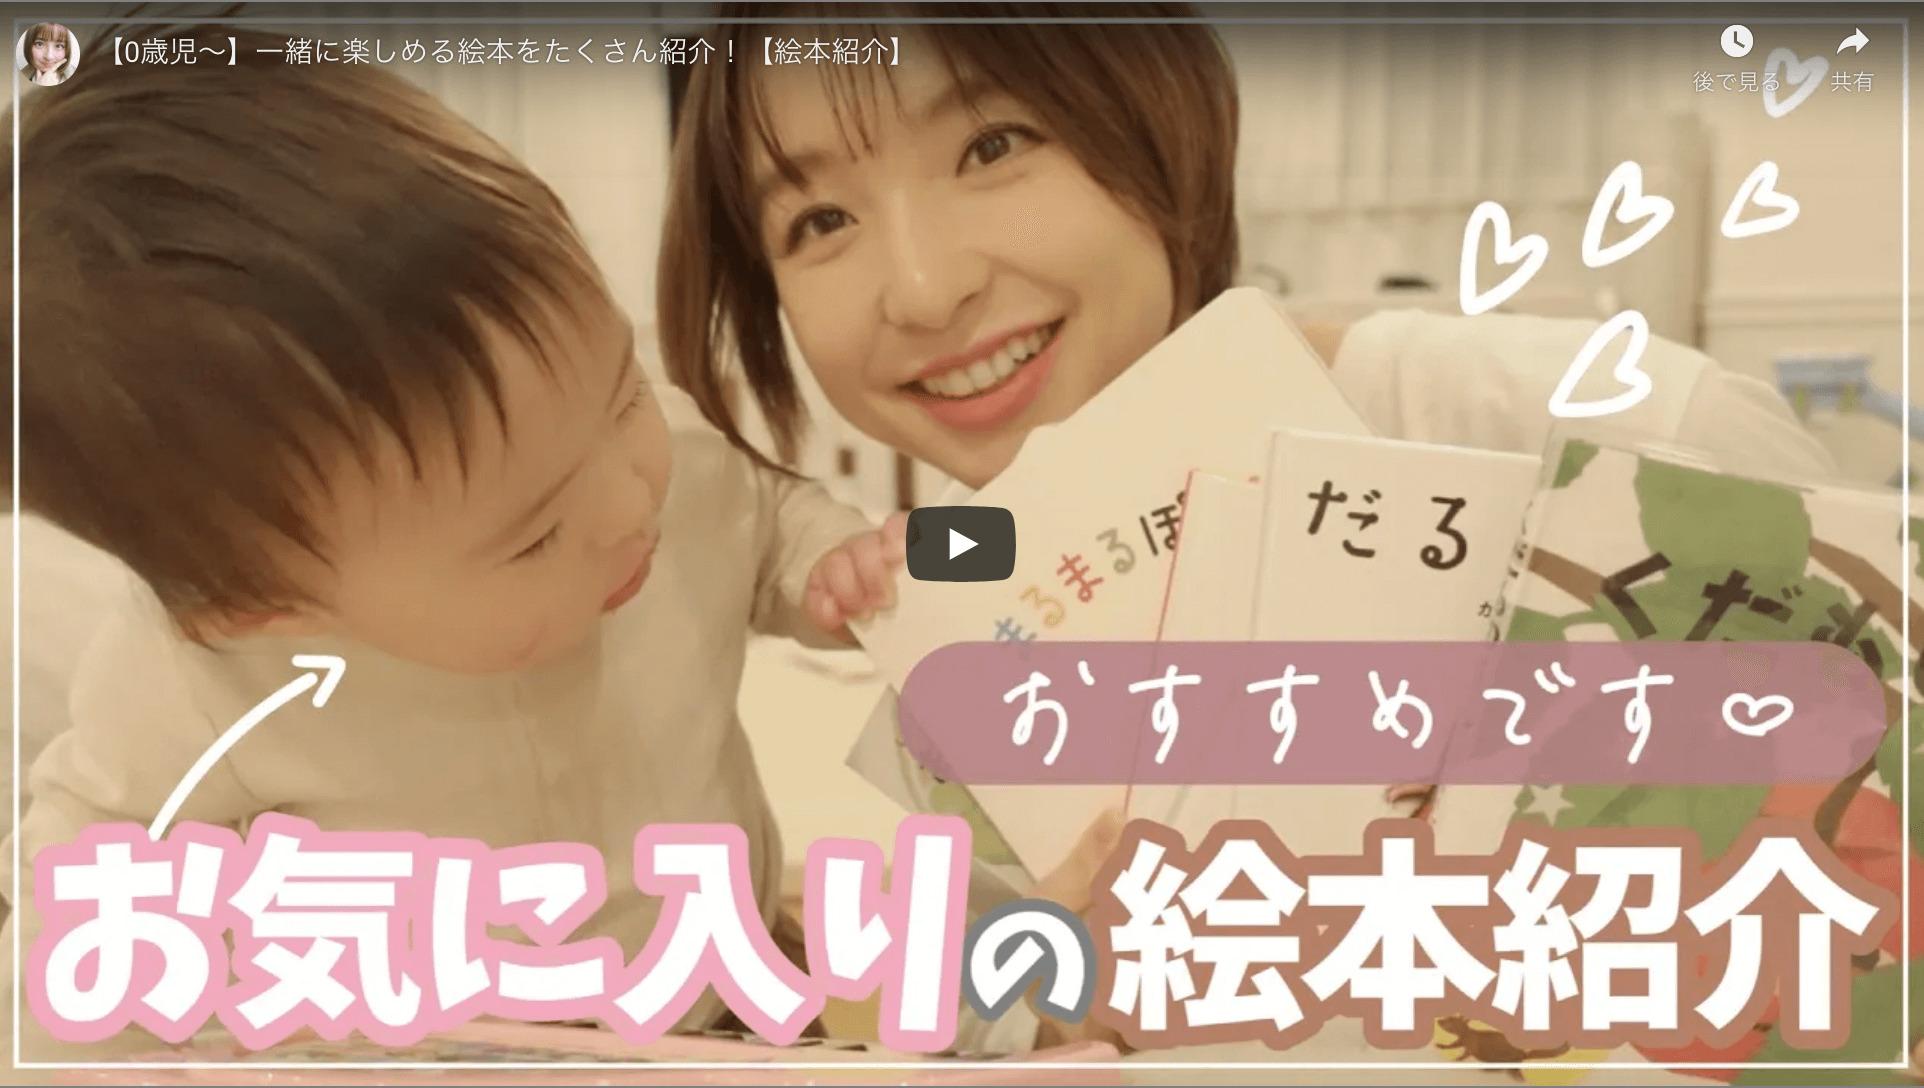 篠田麻里子さんが『【0歳児〜】一緒に楽しめる絵本をたくさん紹介!【絵本紹介】』を公開!